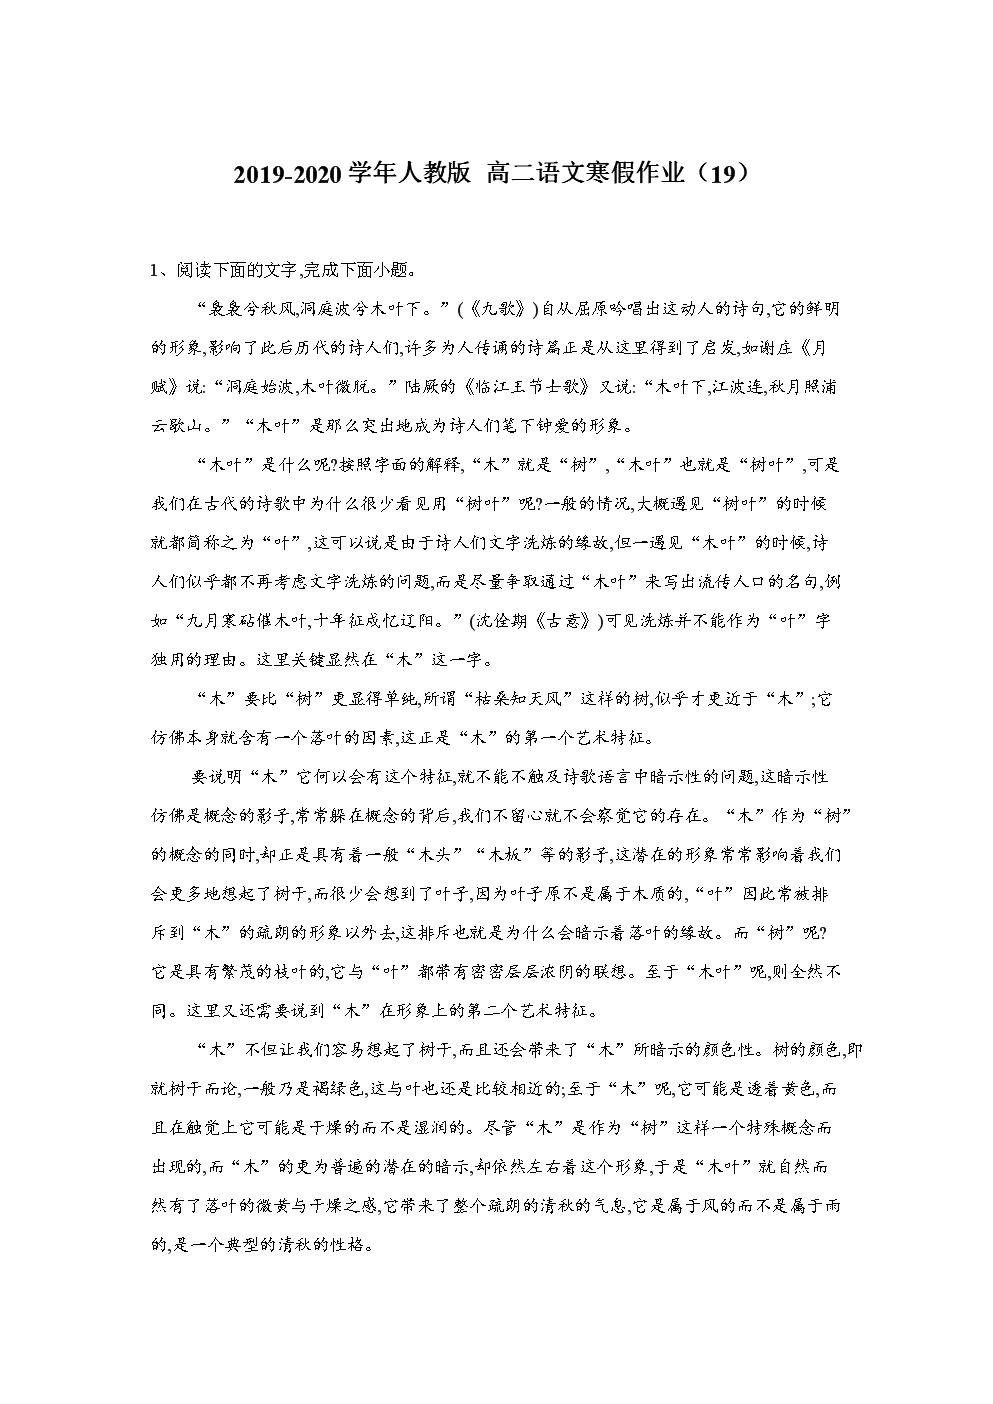 2019-2020学年人教版 高二语文寒假作业(19) Word版含答案.doc